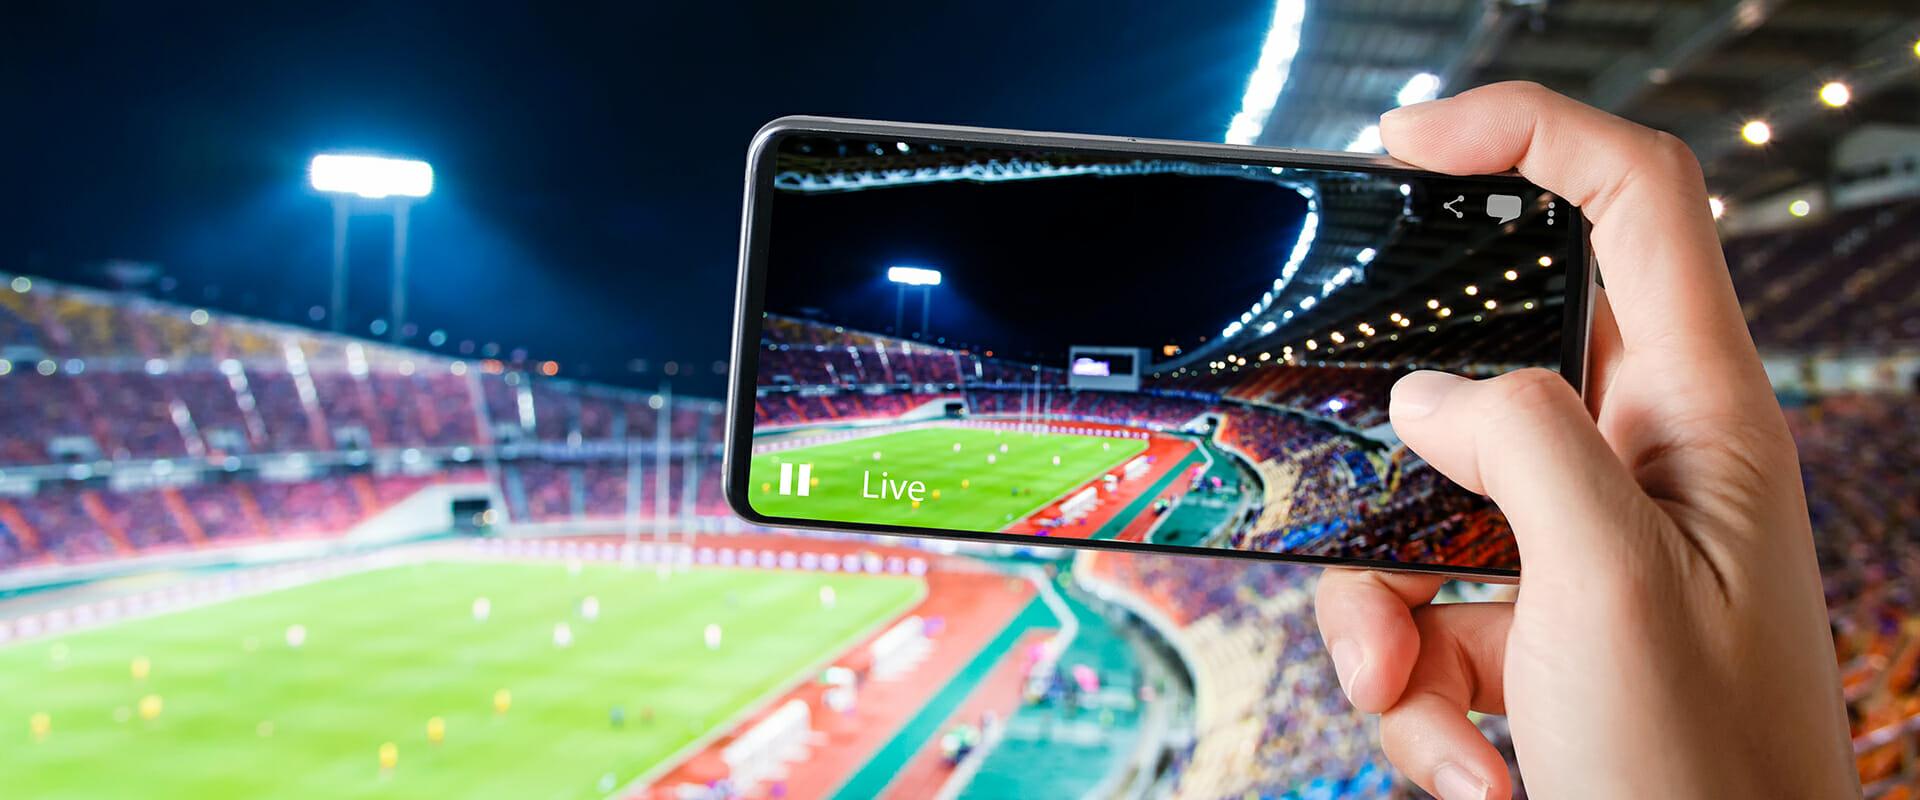 Diritti sportivi: streaming live